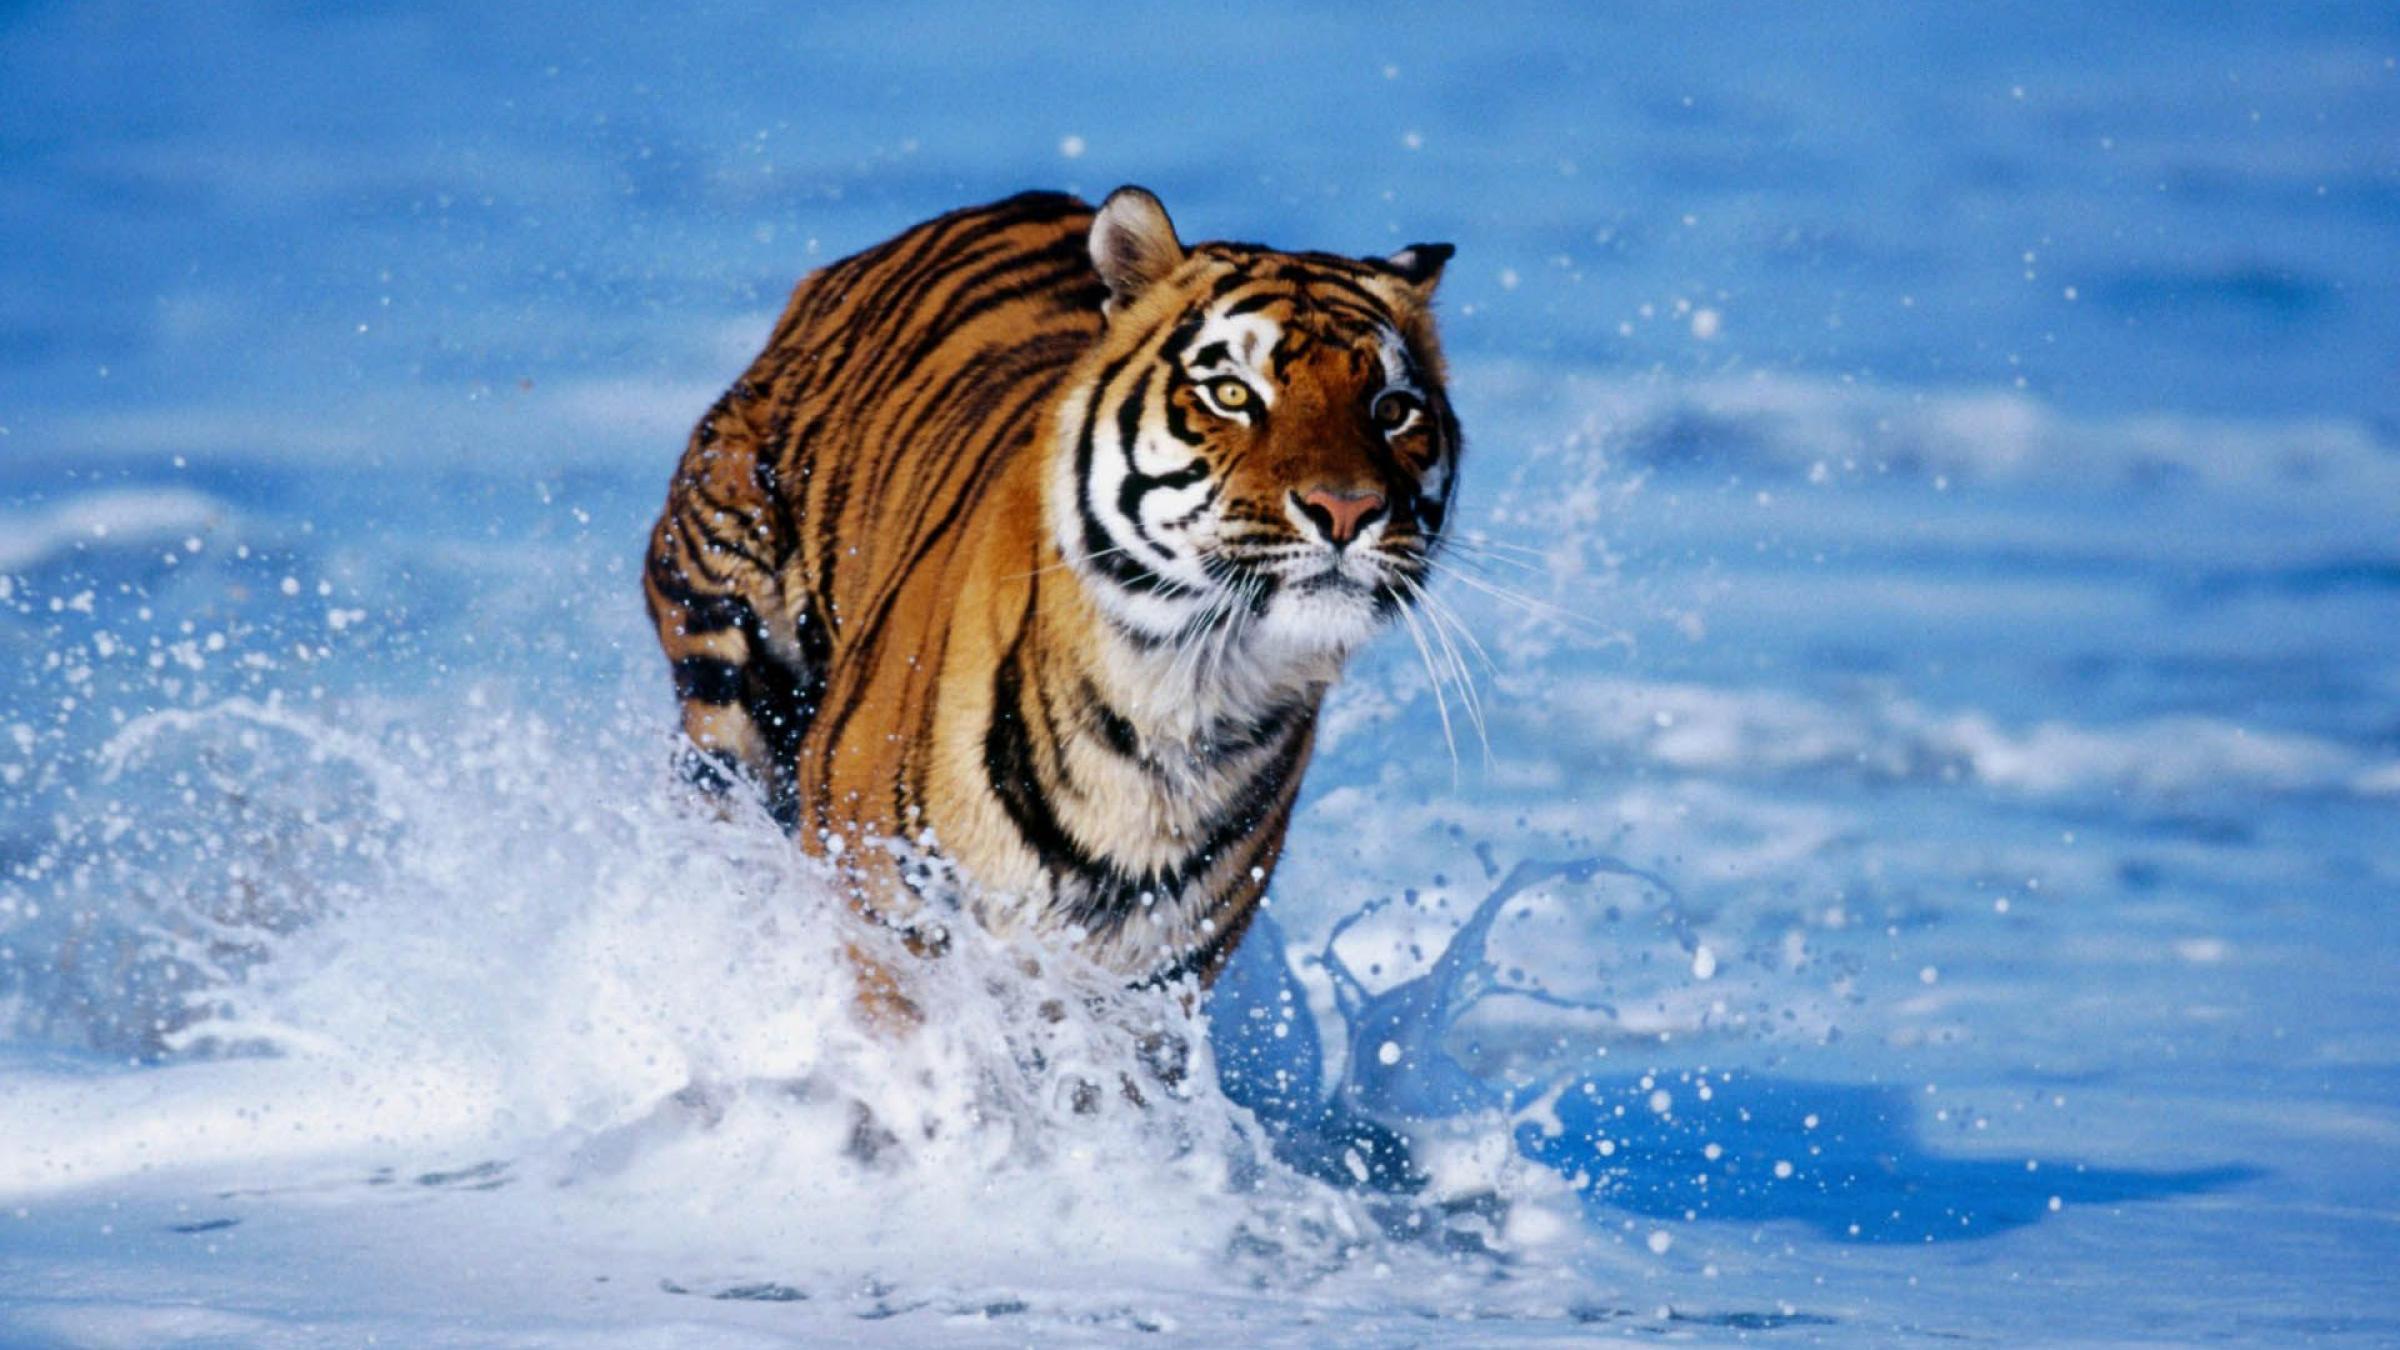 44685壁紙のダウンロード動物, 阪神タイガース-スクリーンセーバーと写真を無料で